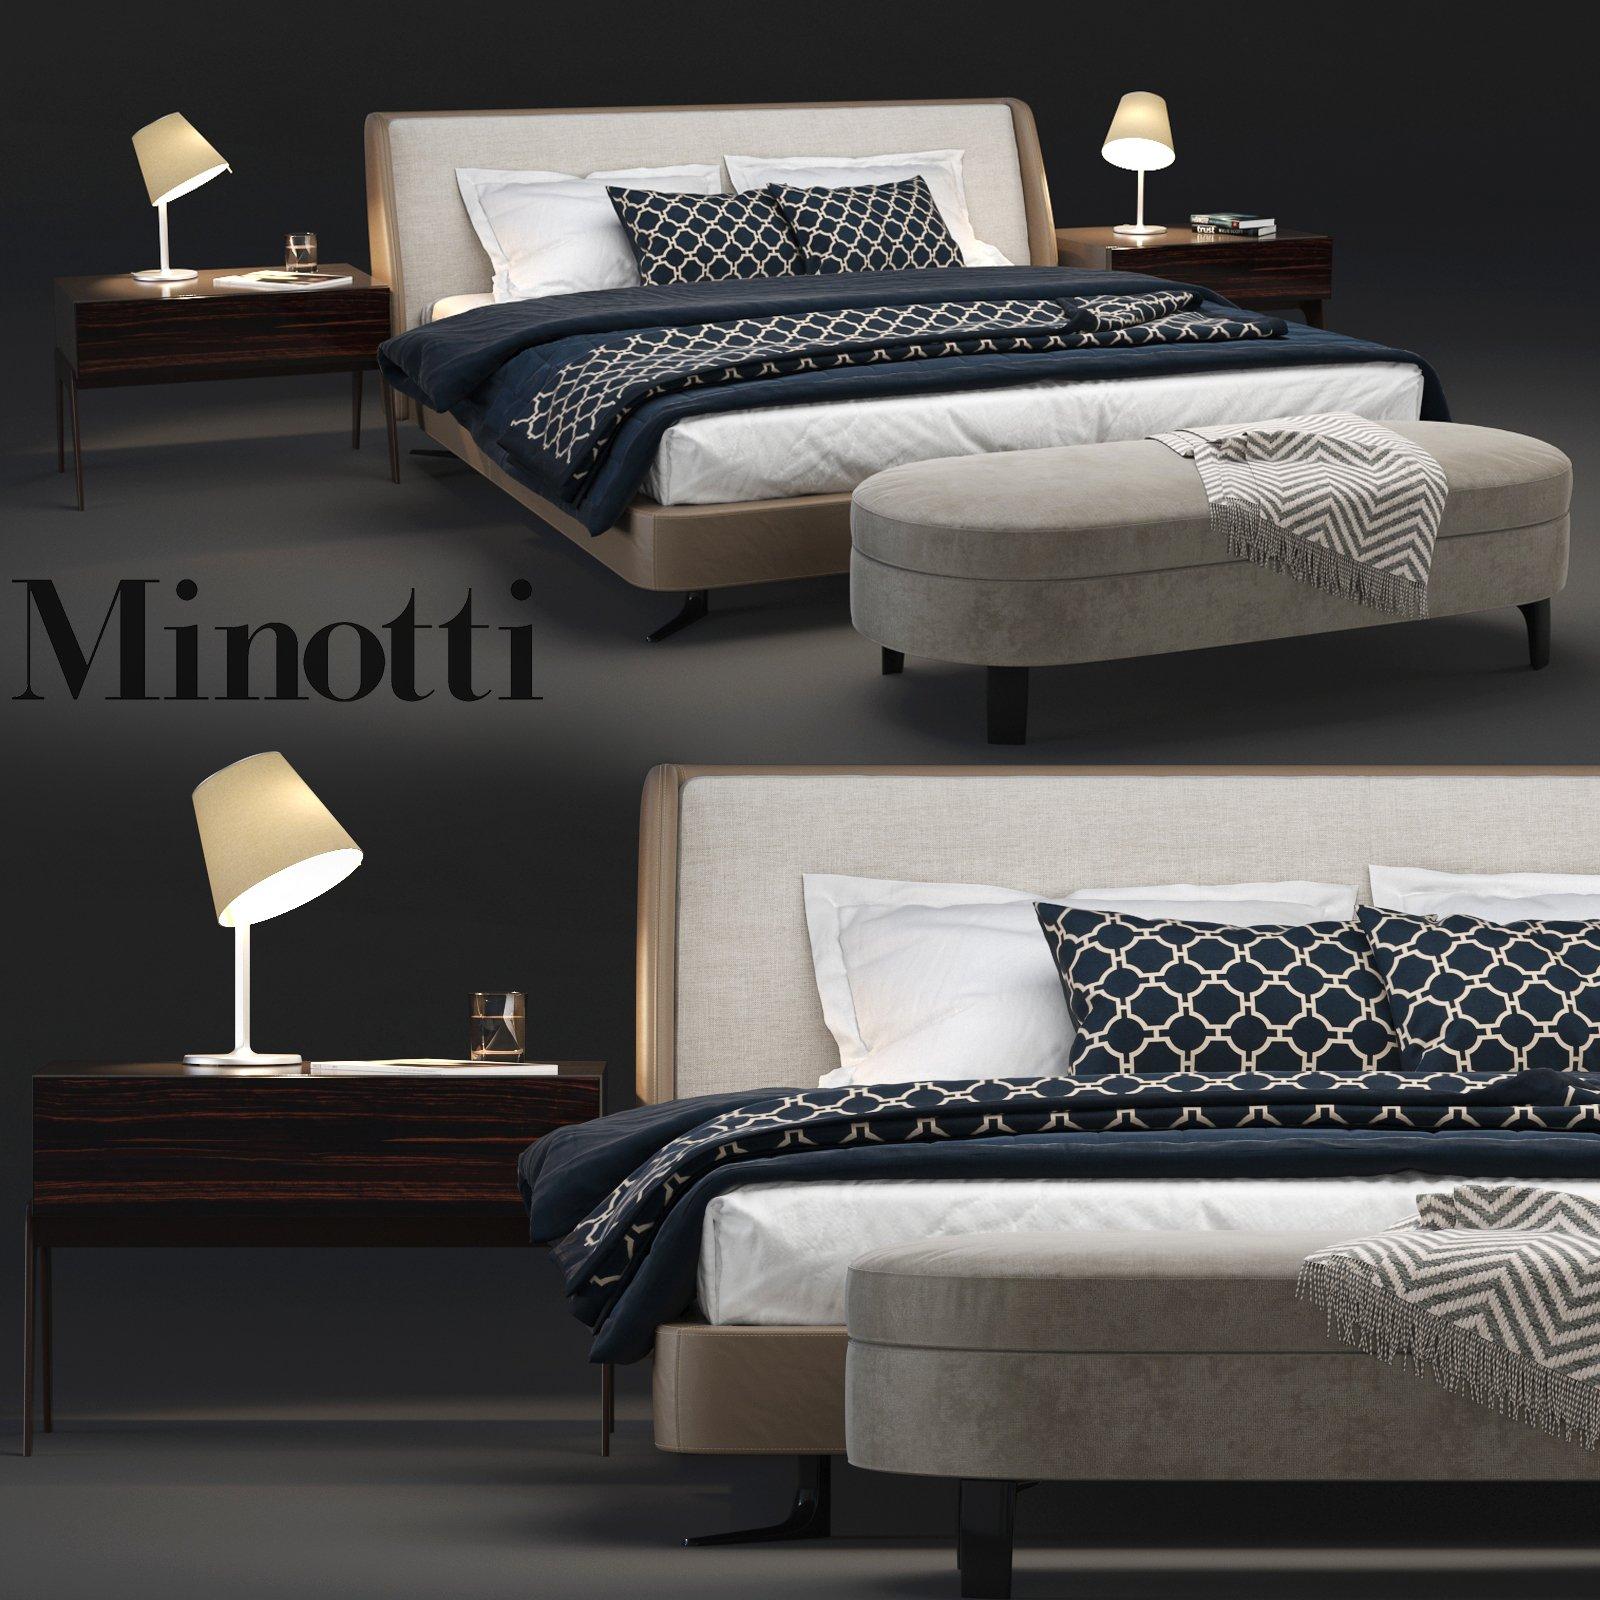 Minotti Spencer Bedroom Set Furniture Models Creative